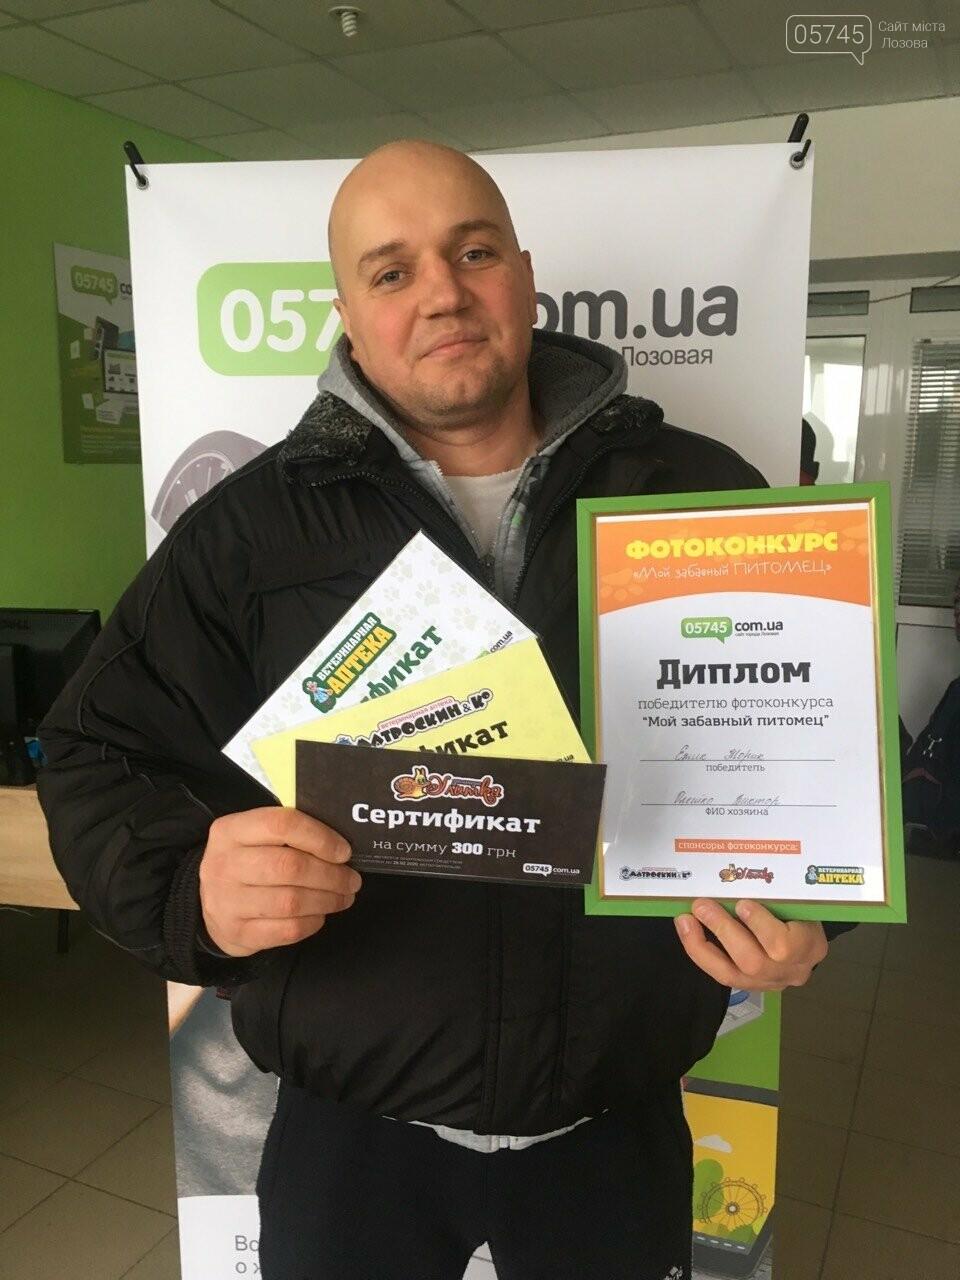 """Лозовчане выбрали """"самого забавного питомца"""": результаты фотоконкурса, фото-1"""